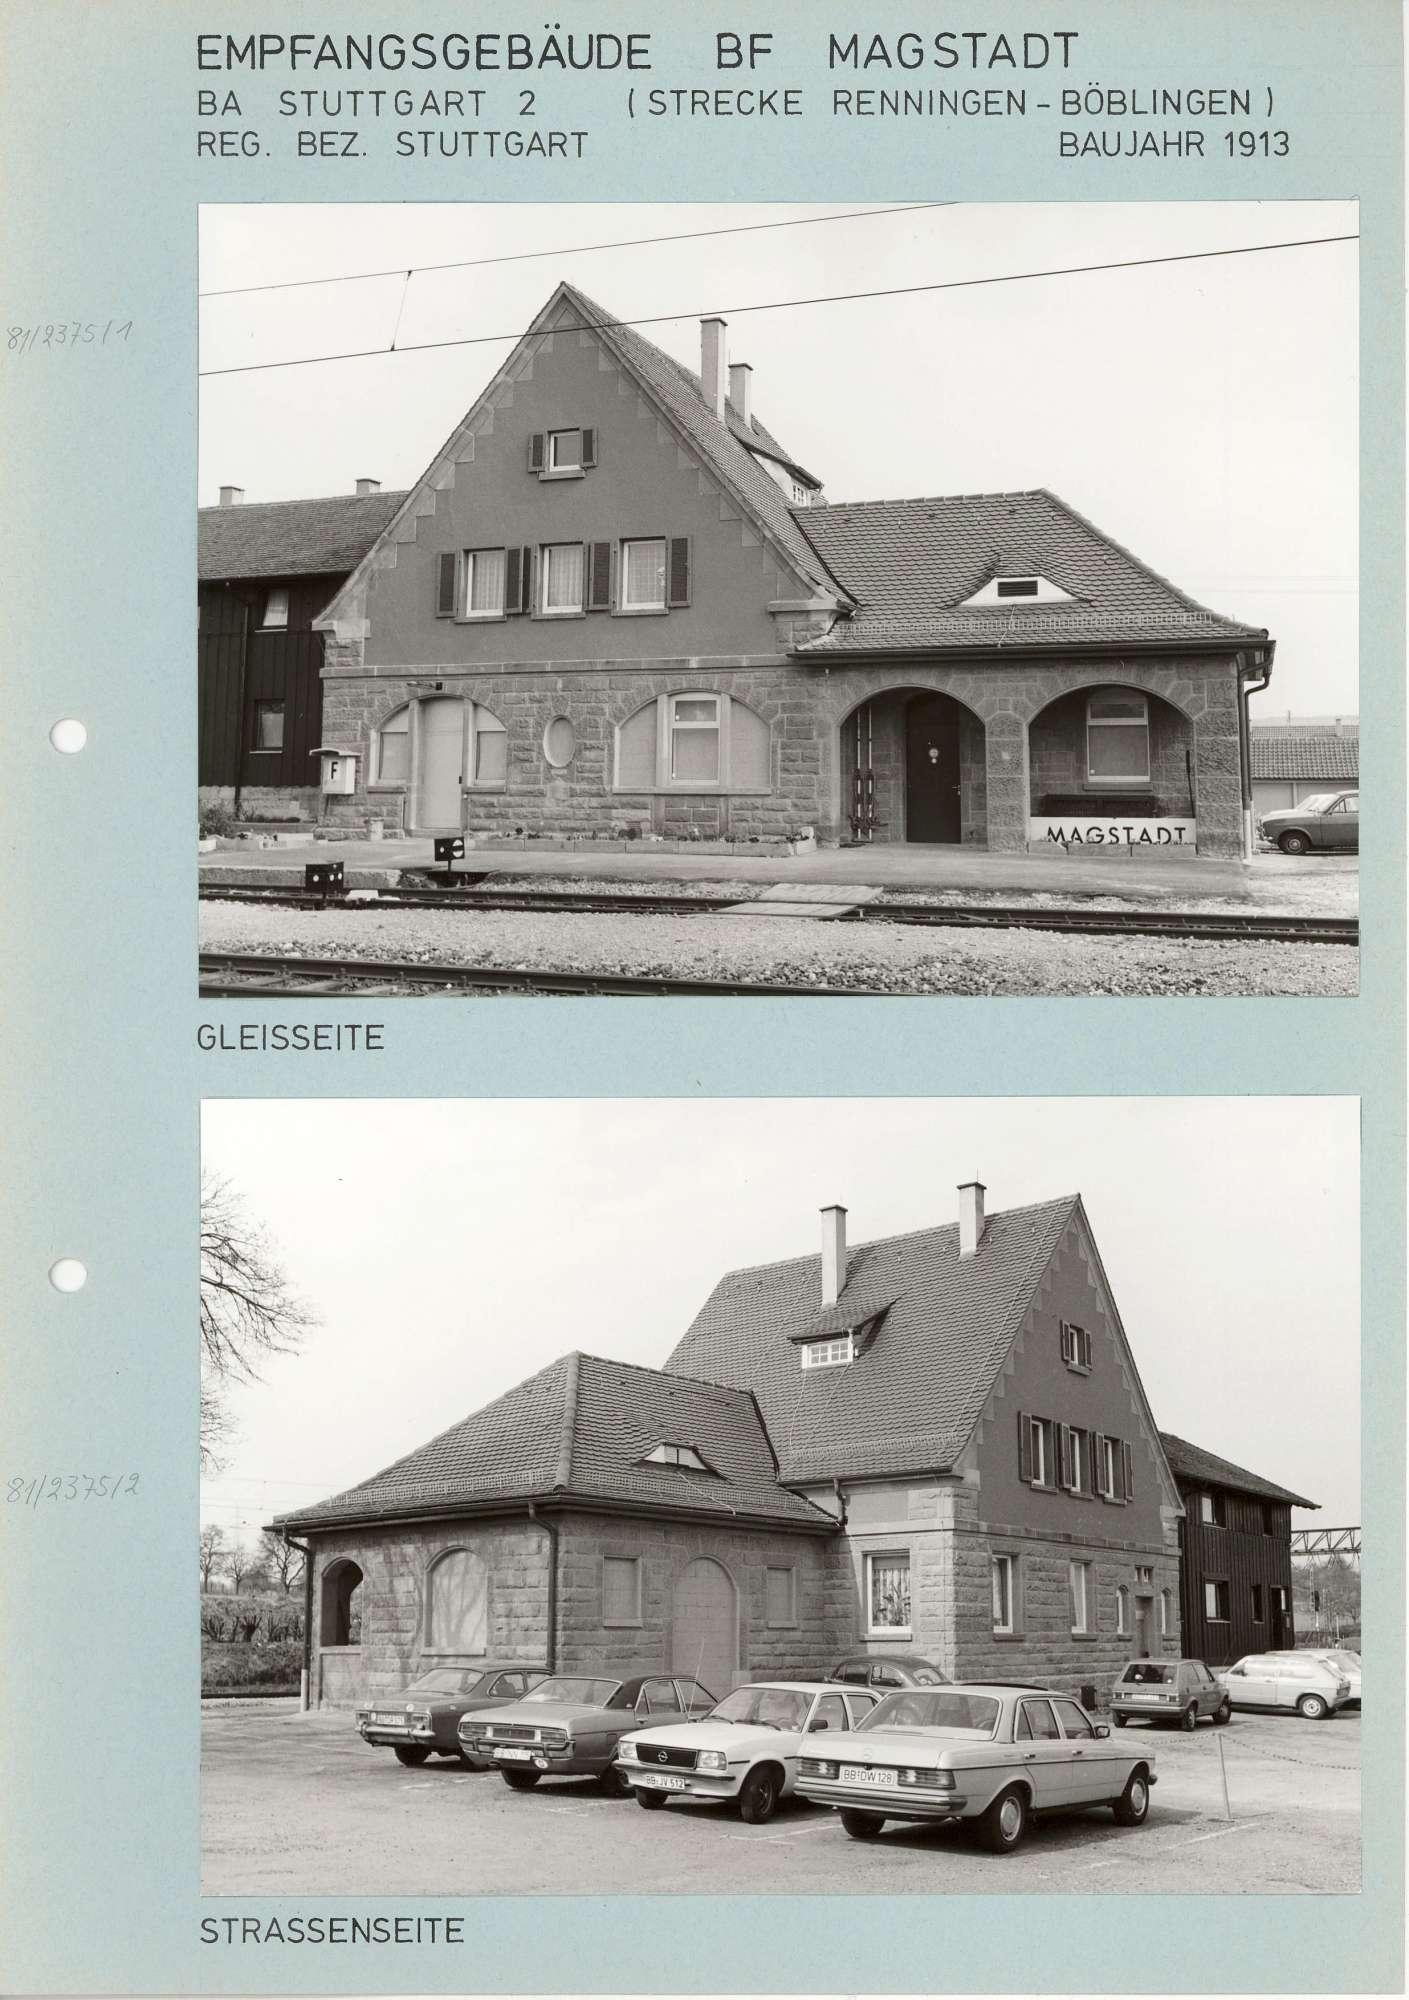 Magstadt: 4 Fotos, Bild 1